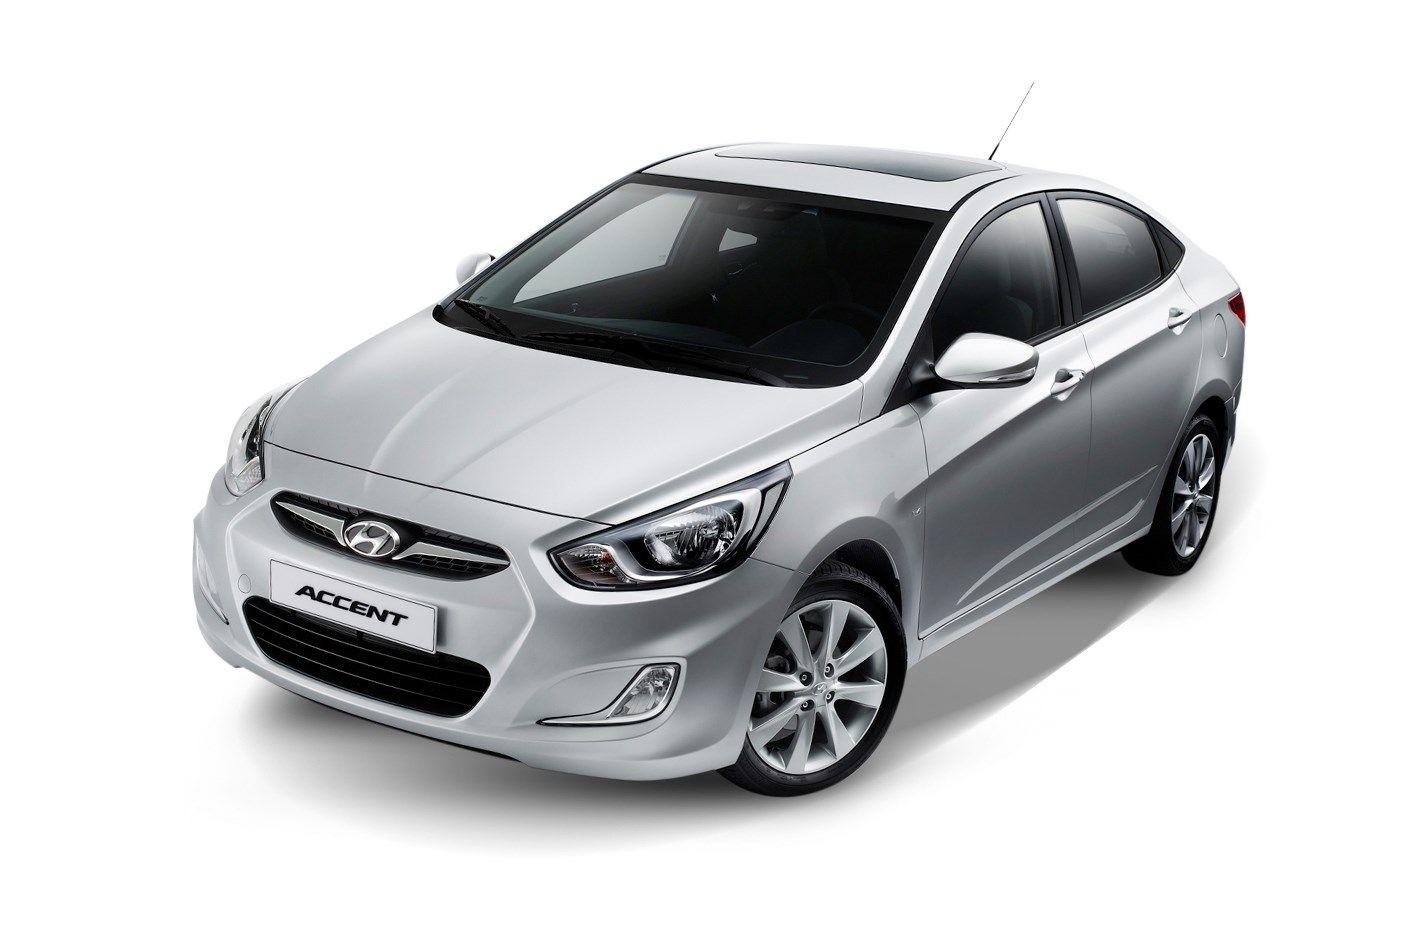 طرح جدید فروش هیوندای اکسنت و هیوندای I20 کرمان موتور ویژه نیمه اول دی Hyundai Accent Hyundai Suv Car